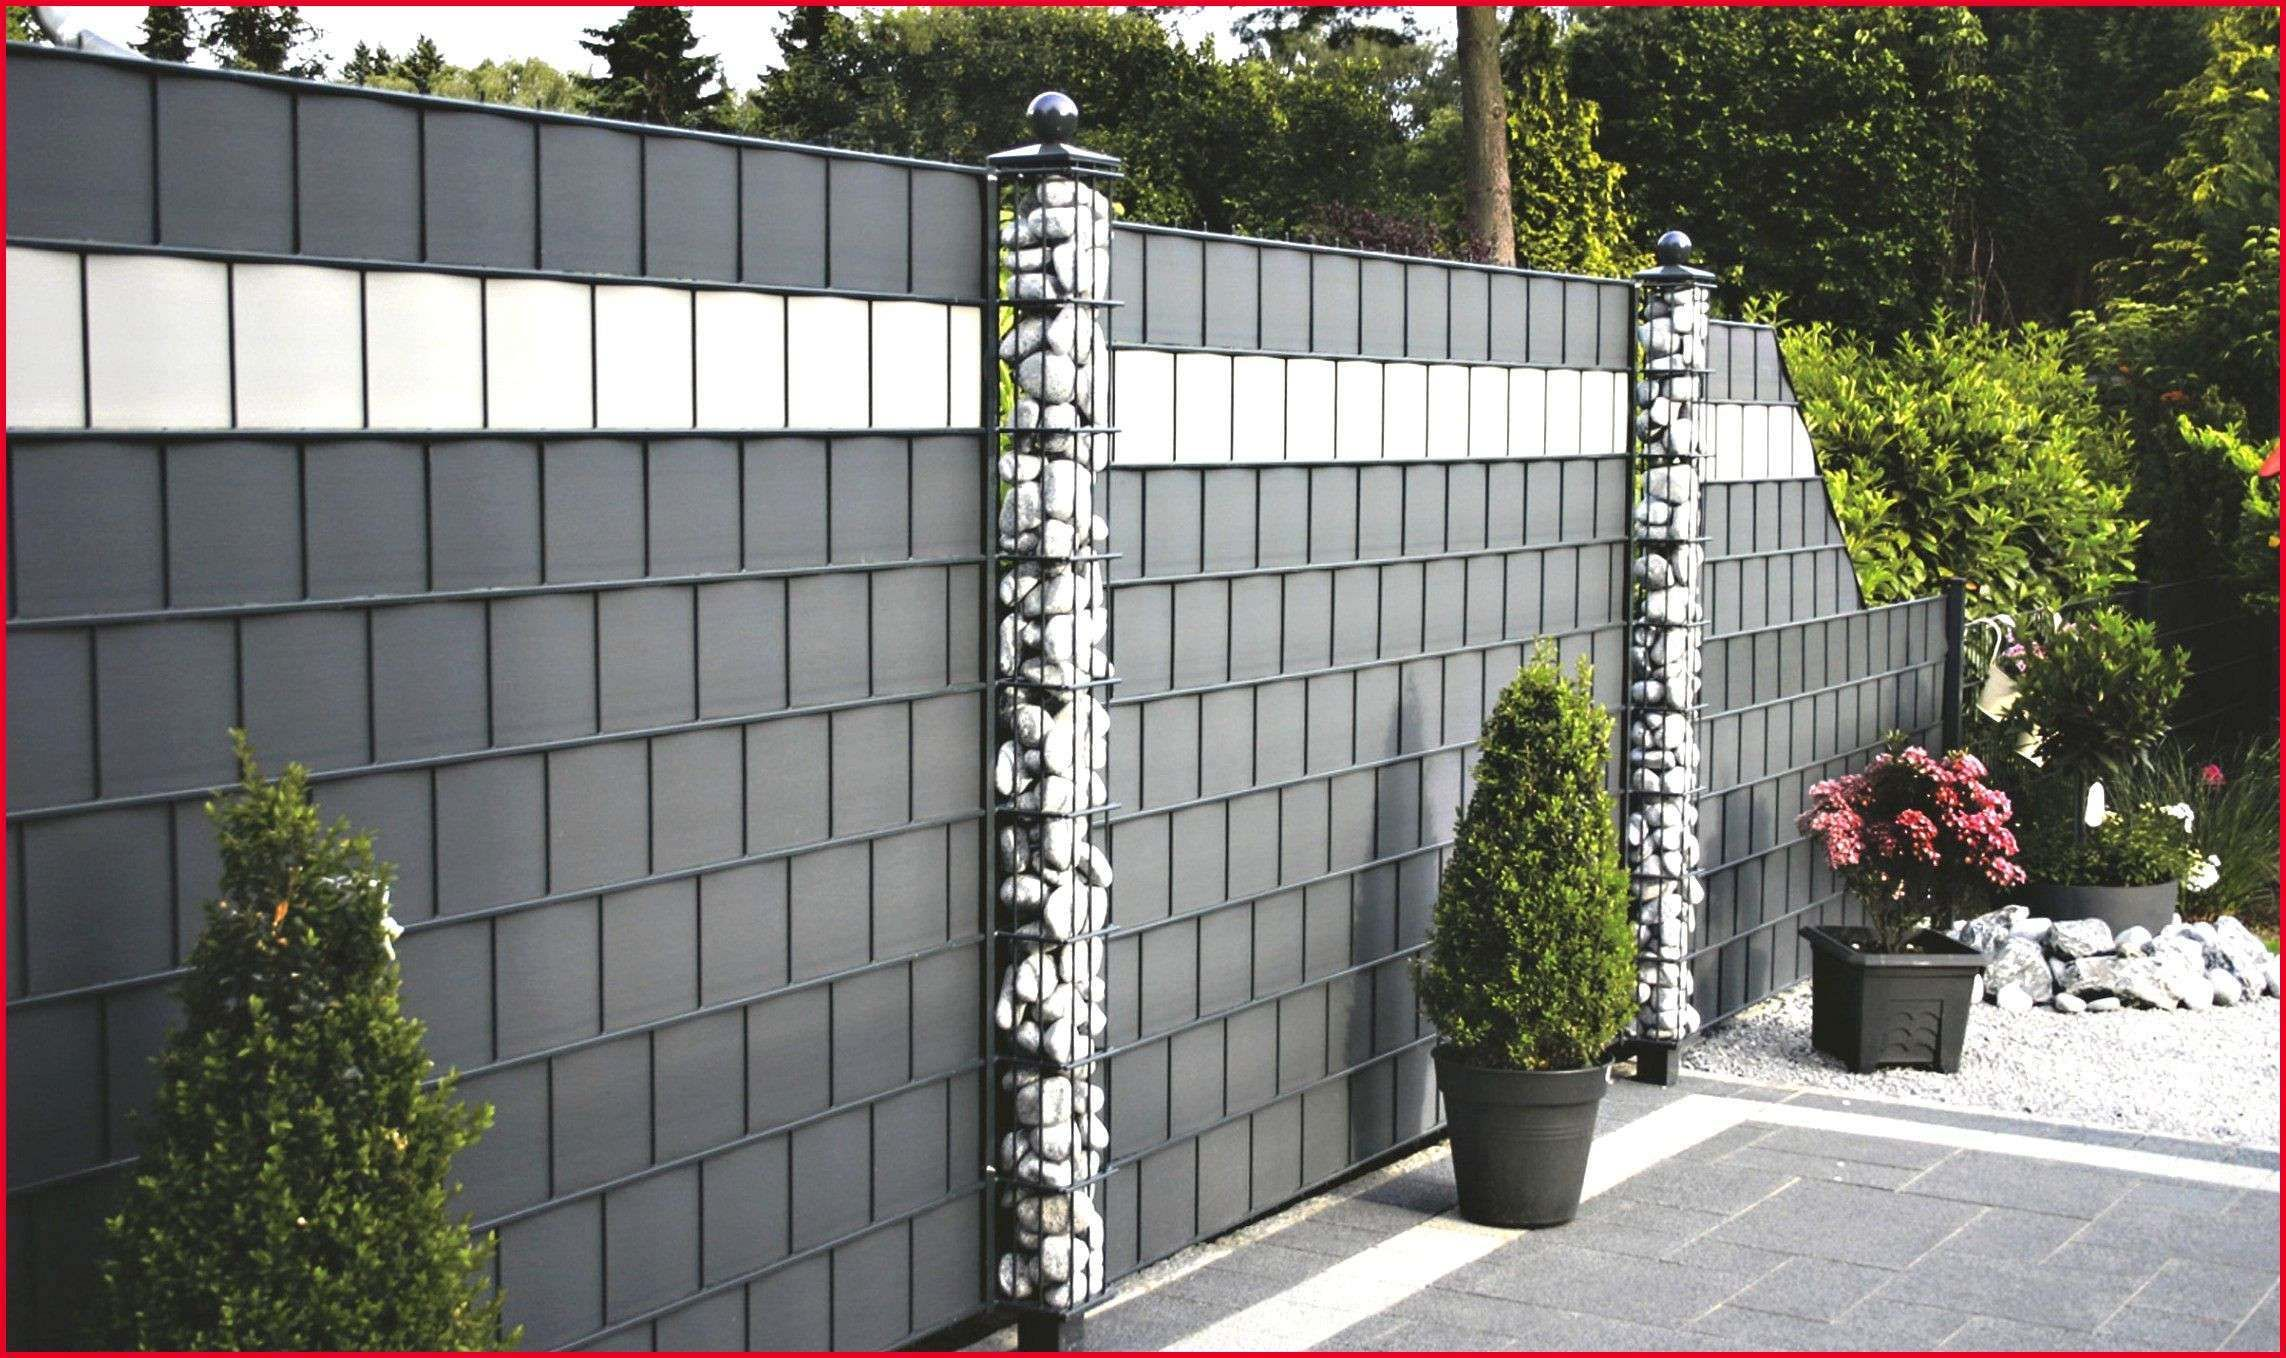 Terrasse Modern Gestalten Luxus Sichtschutz Stein Beste Zaun Mit Steinen Garten Ideas Zaun